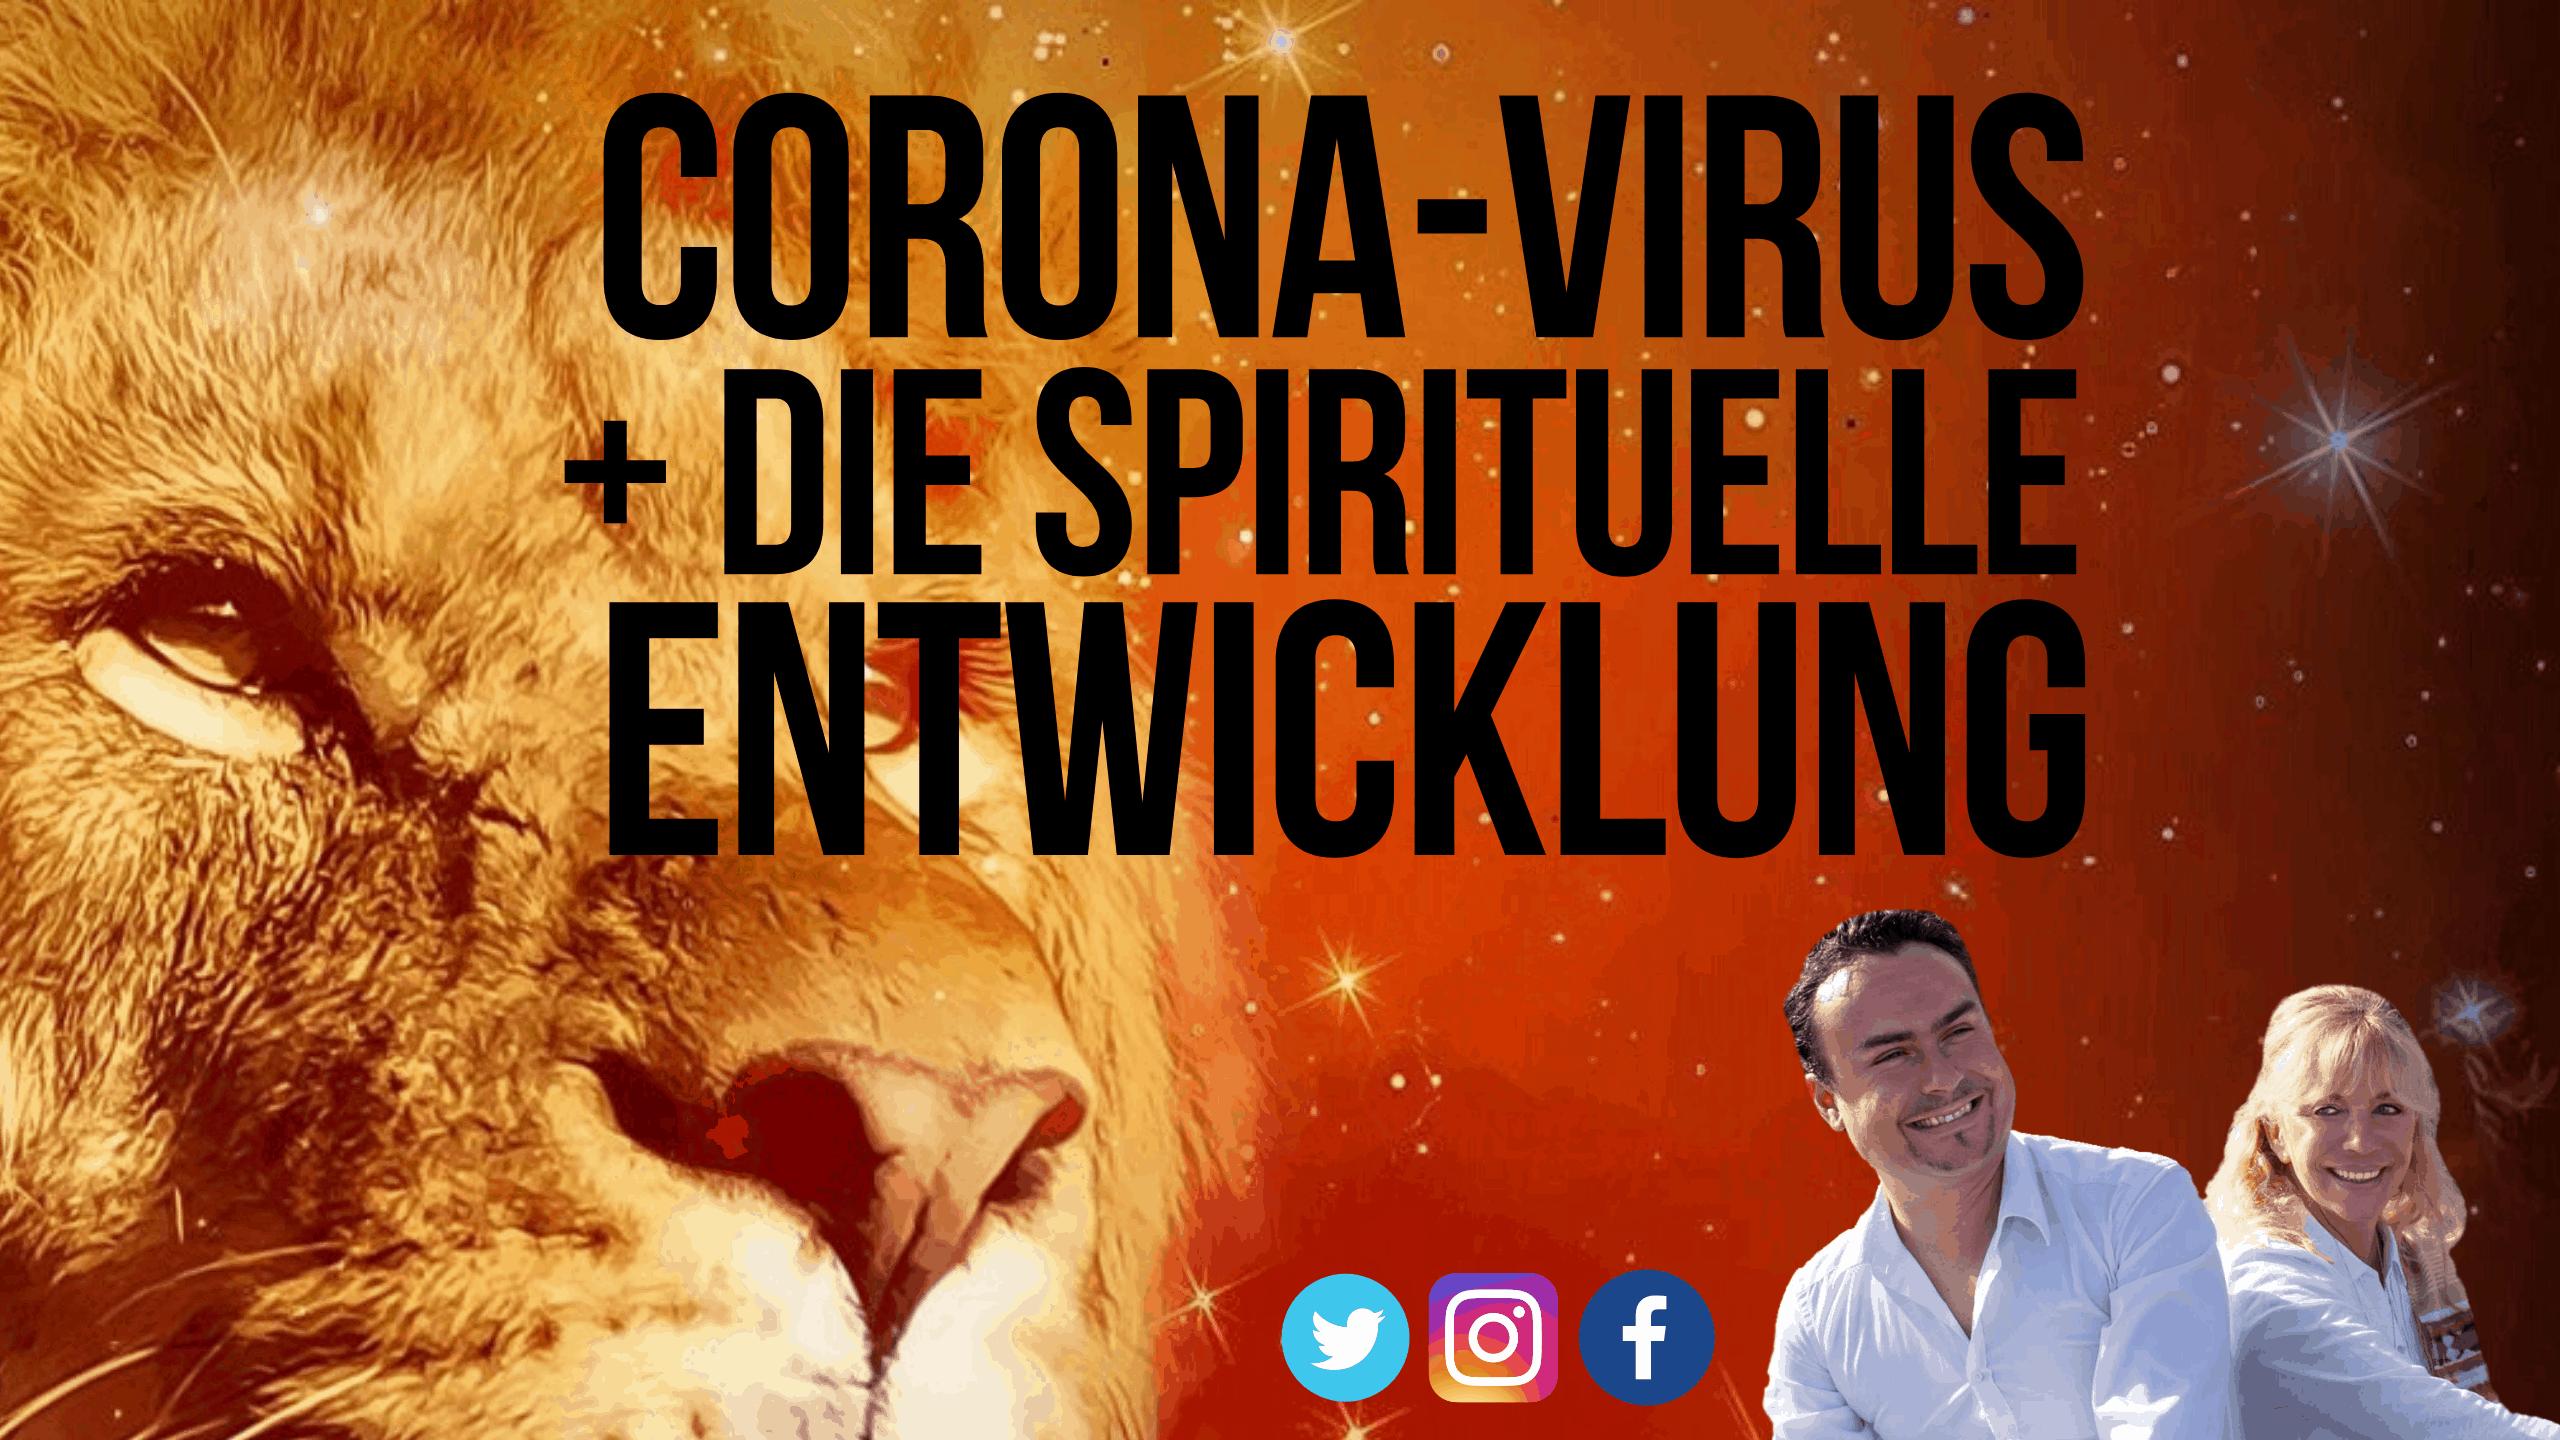 Coronas-Virus aus spiritueller Sicht – was hat der Corona-Virus mit unserer Bewusstseinsentwicklung zu tun?